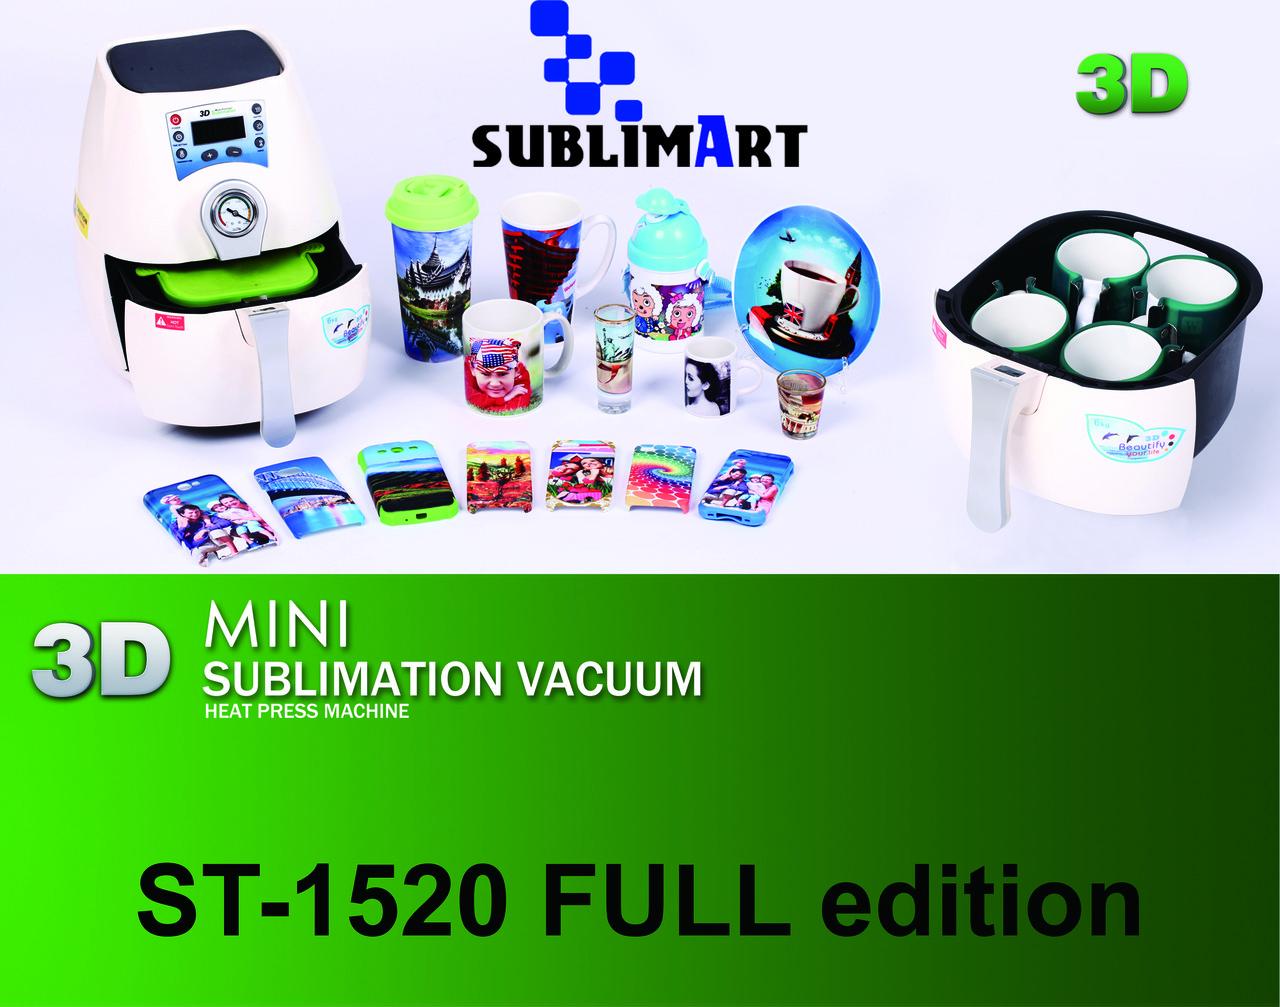 Портативный компактный настольный термопресс для 3D сублимации ST-1520 FULL edition